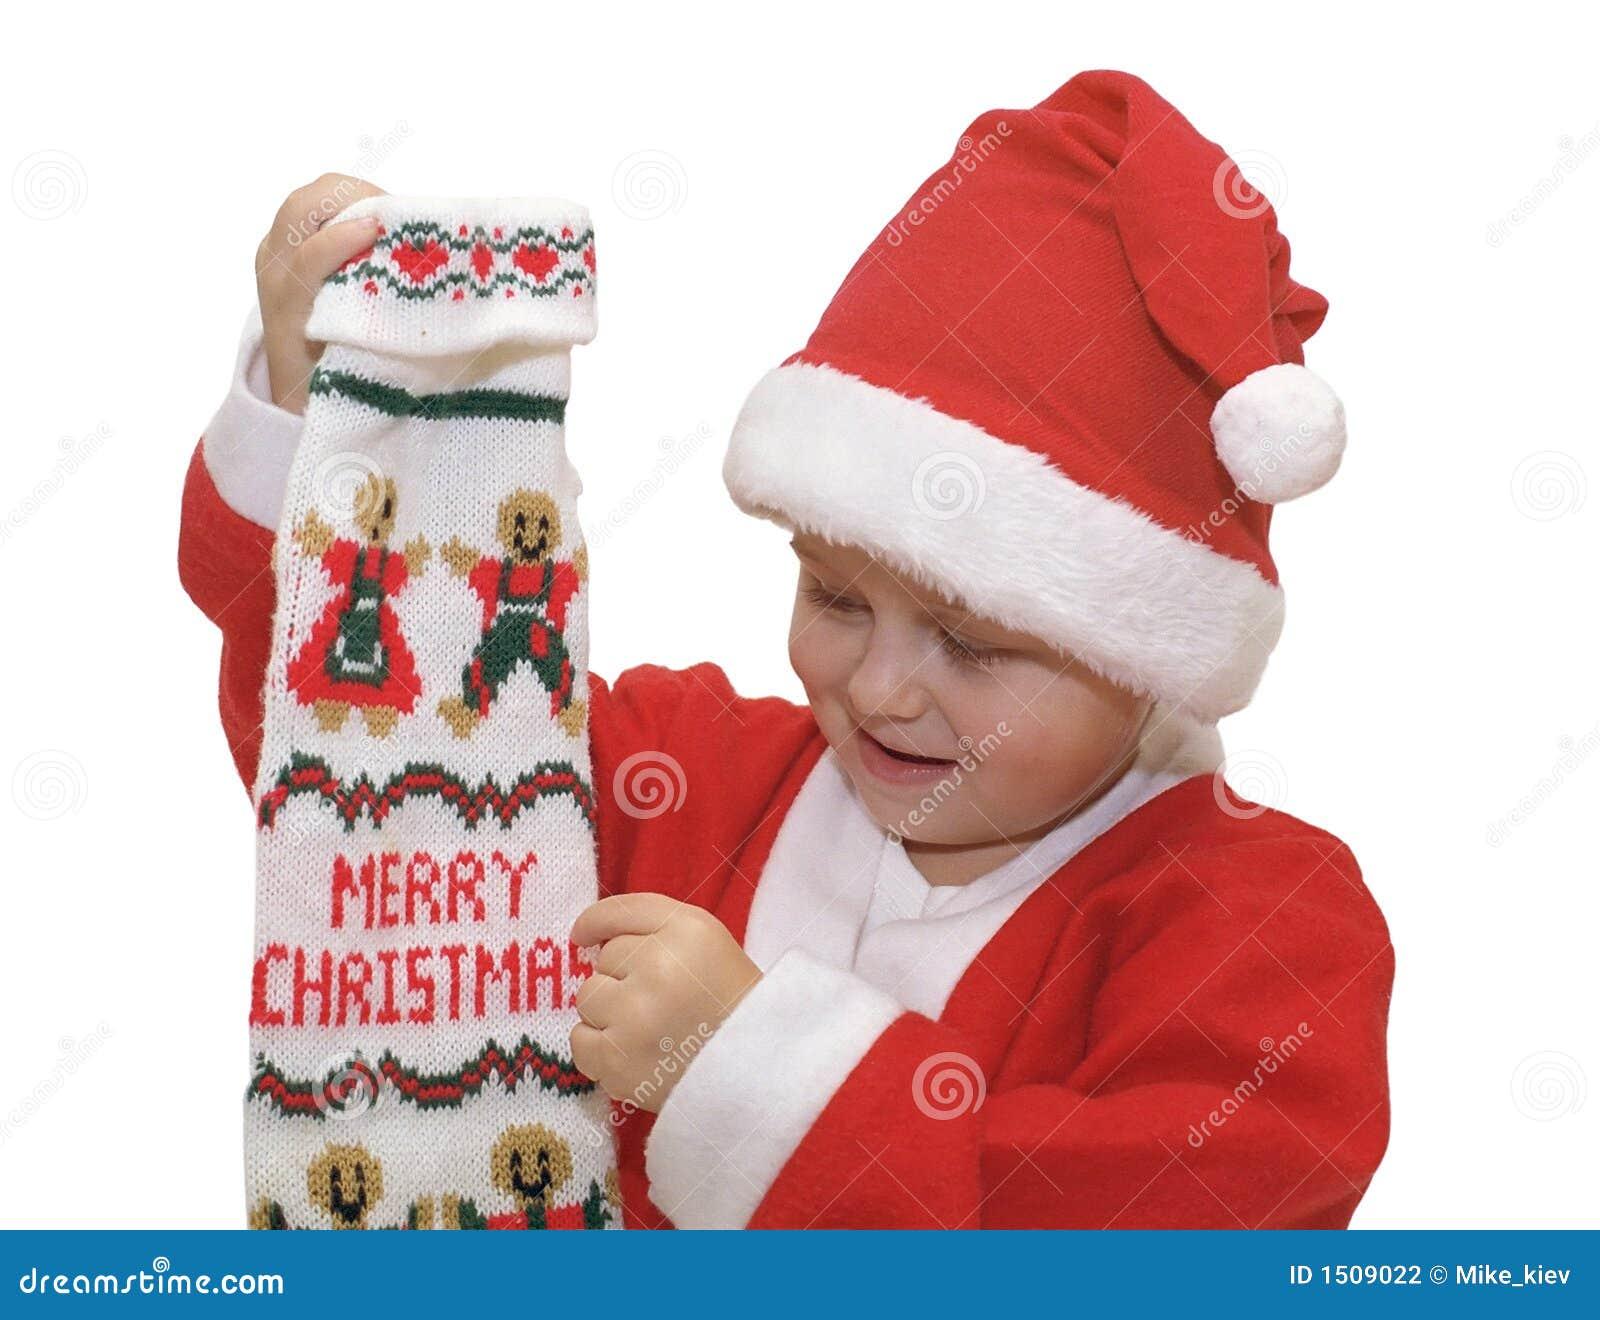 Frohe Weihnachten von kleiner Sankt